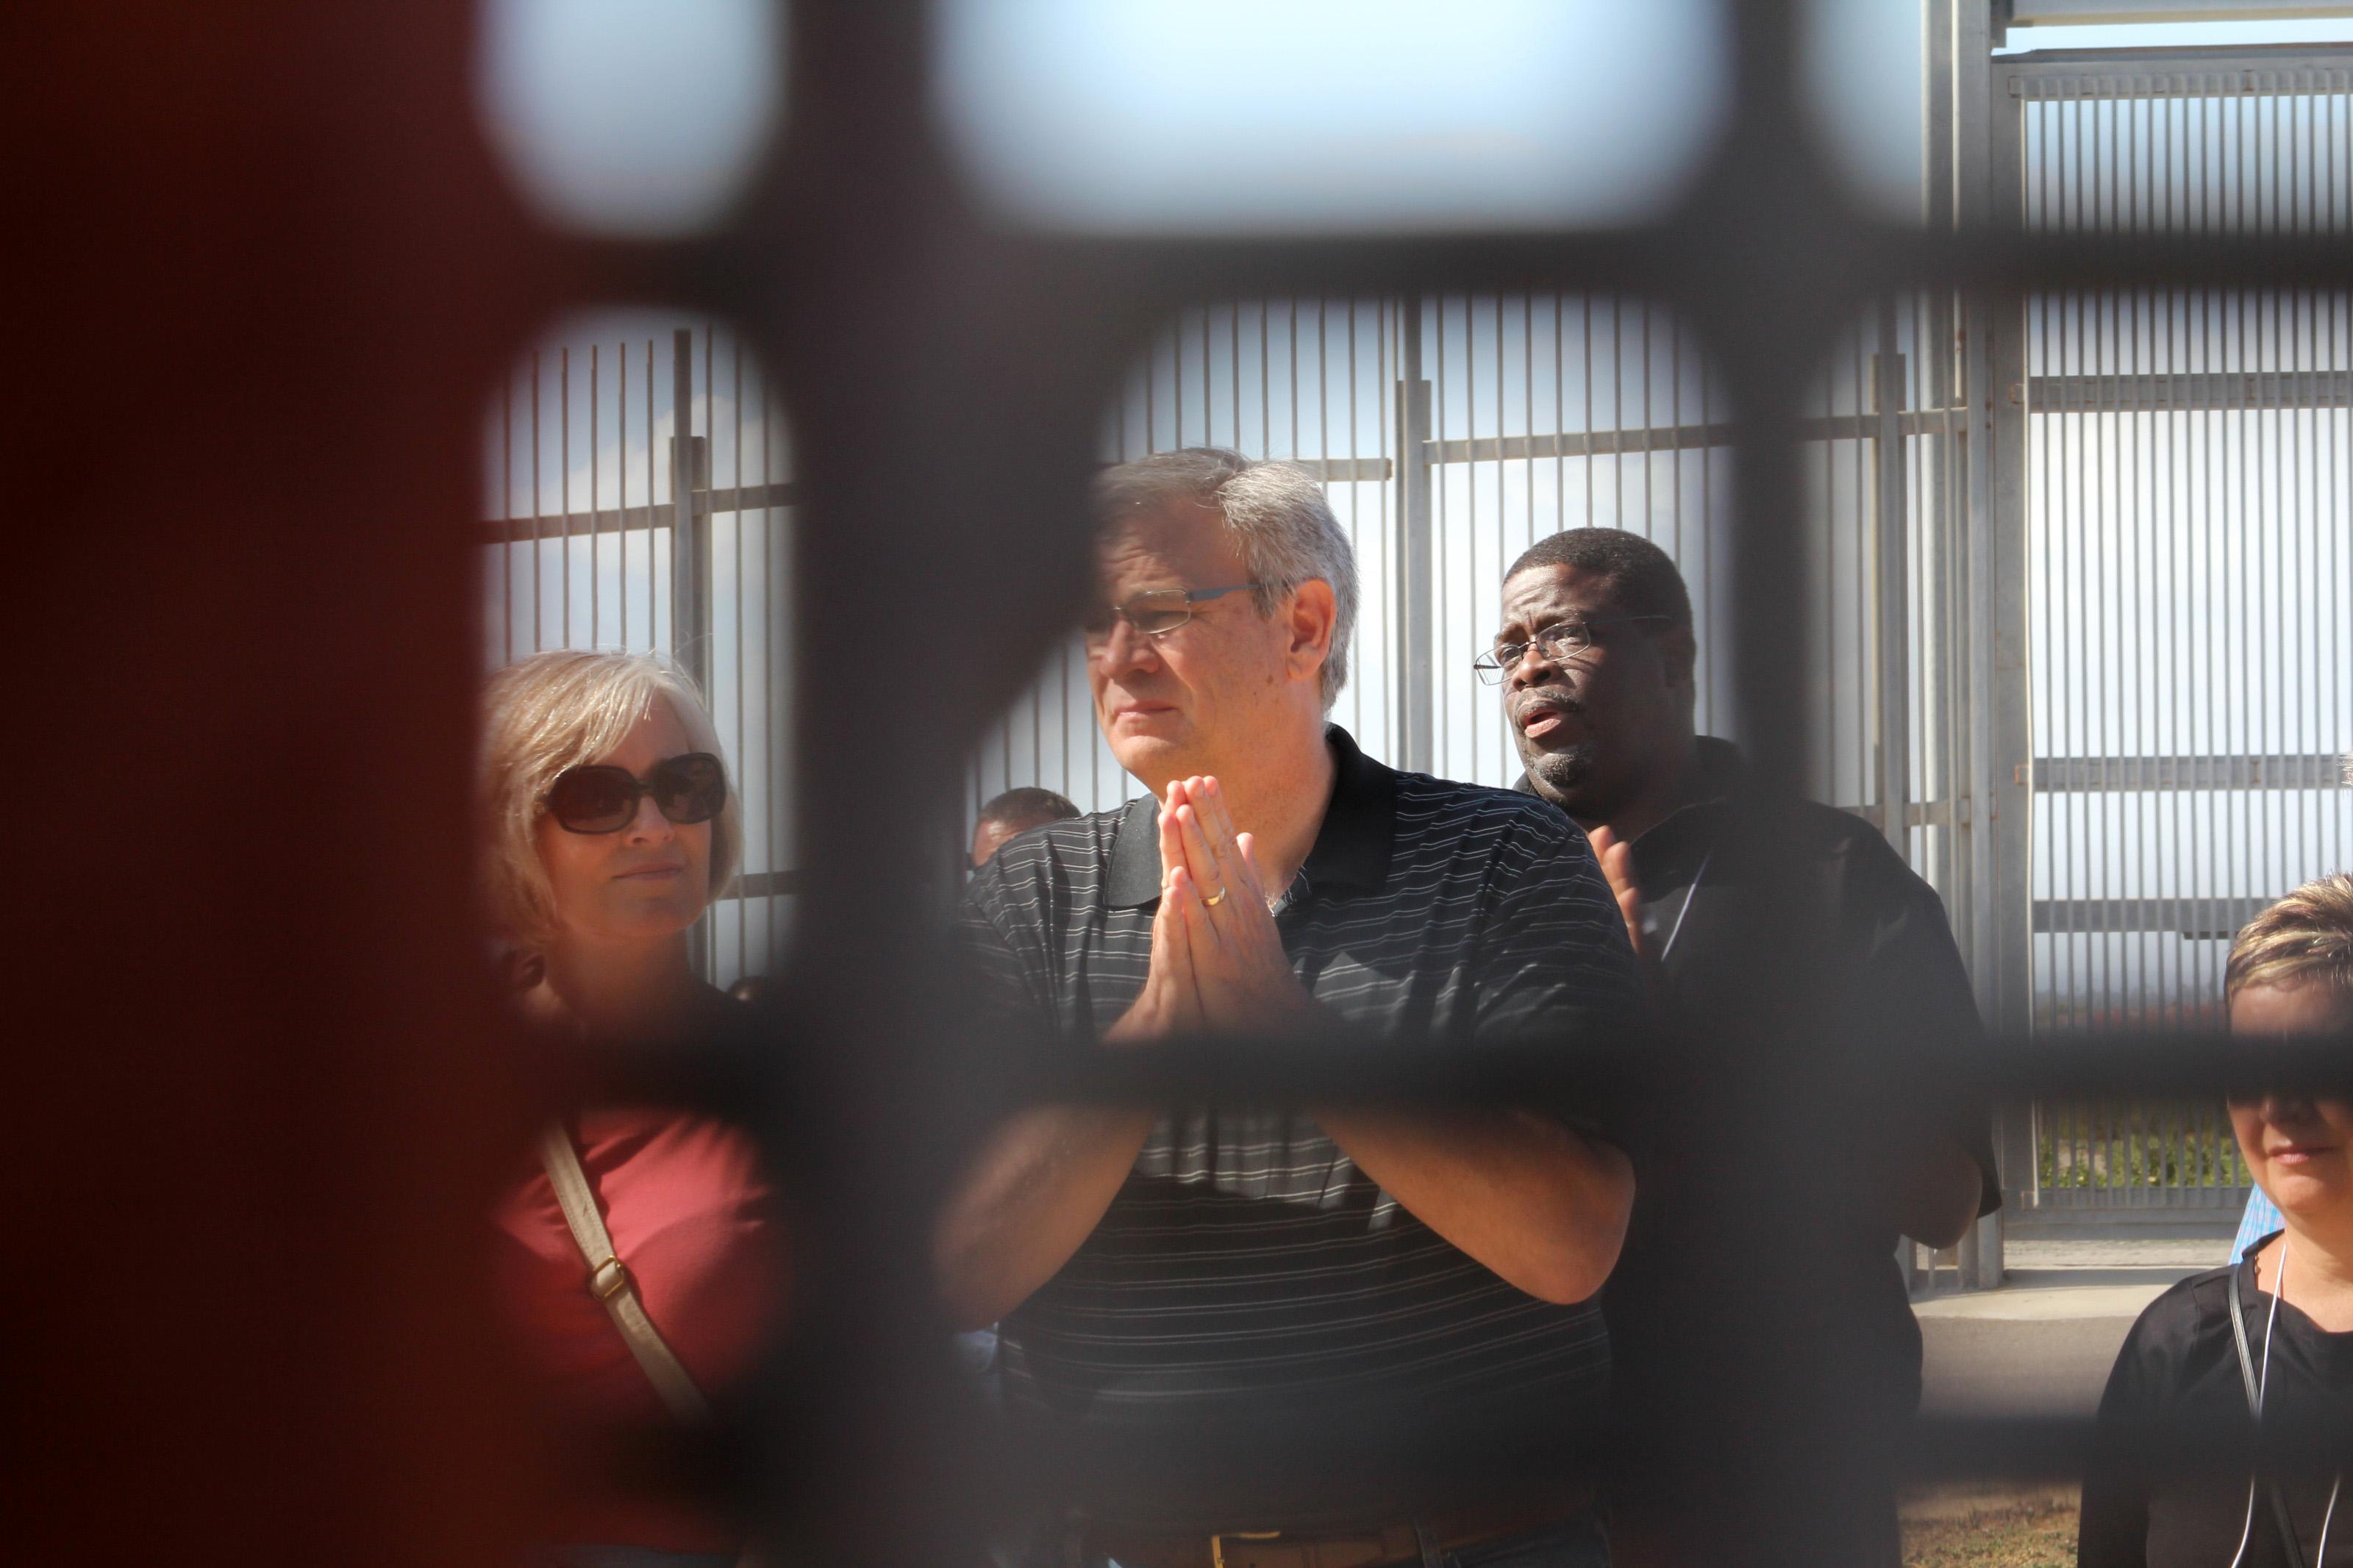 연합감리교 감독들이 멕시코에서 국경 분단선을 너머 미국의 우정의 공원을 바라보고 있다. 2014 file photo taken by Kathleen Barry, UMNS